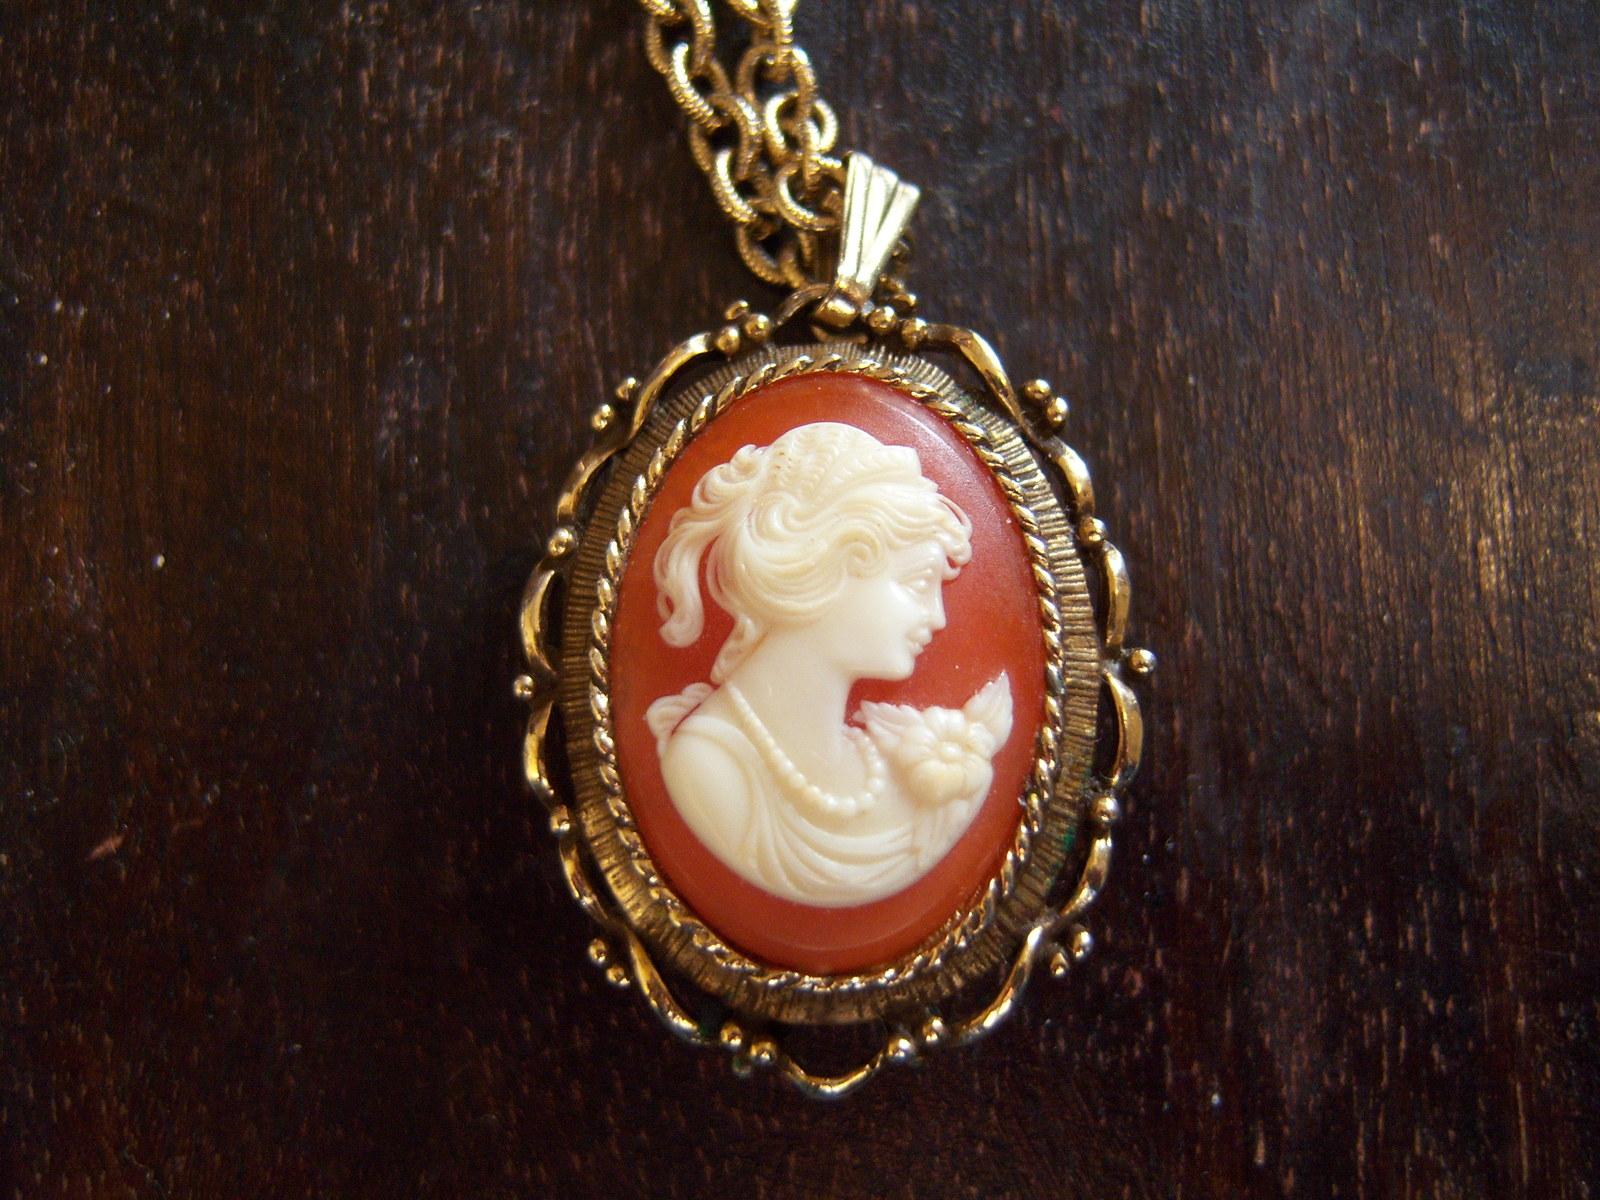 Vintage VANDA Perfume Necklace. Vintage Cameo Perfume Necklace.